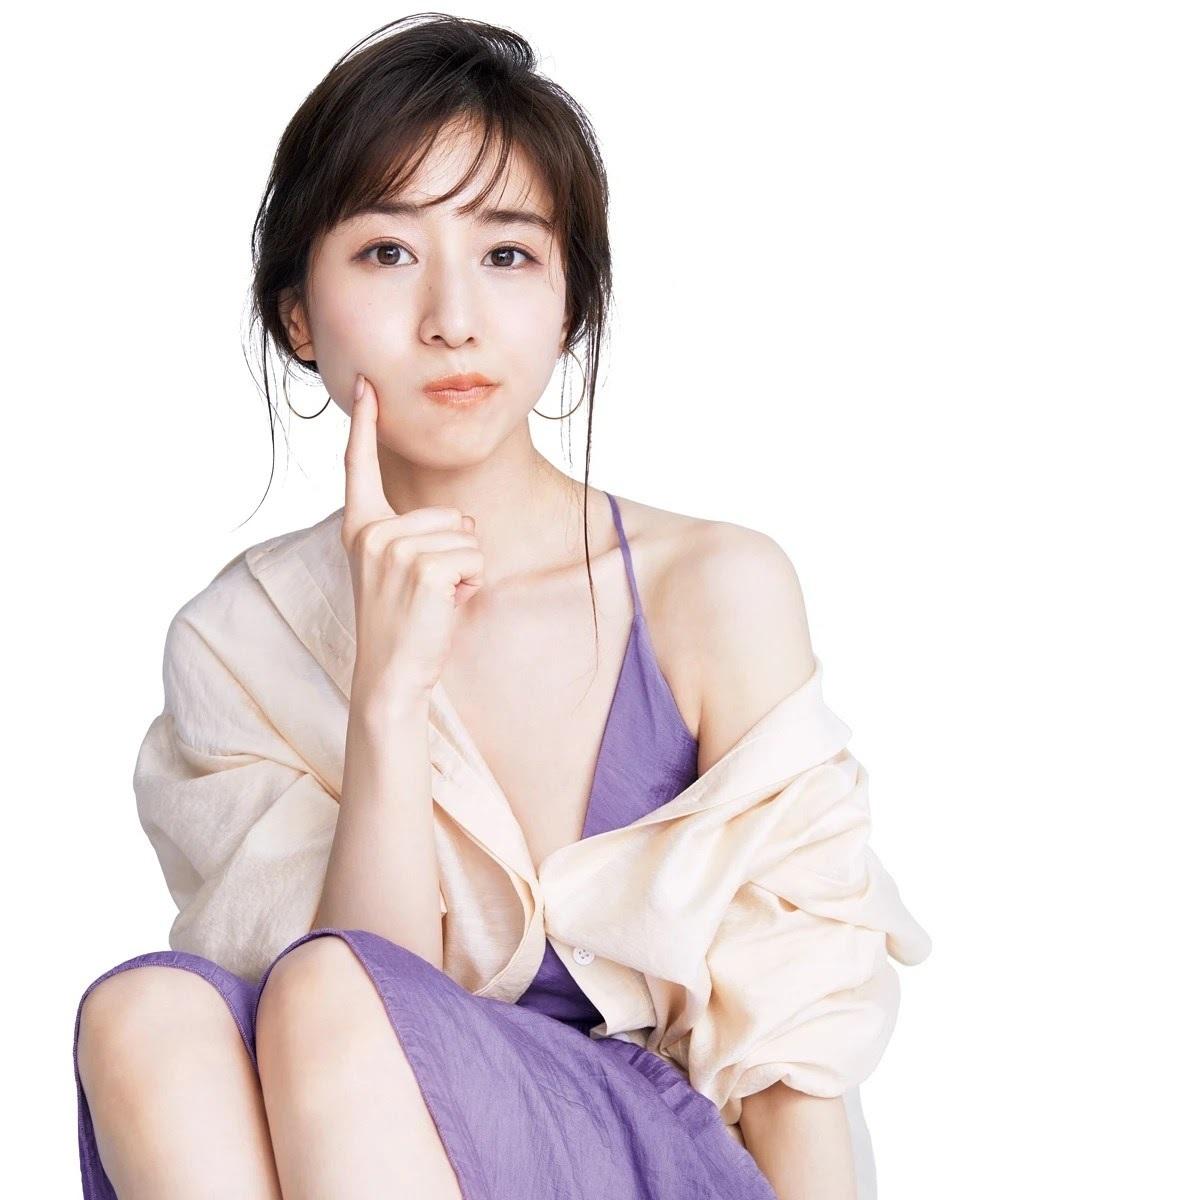 日本女星田中美奈实 美图在线鉴赏-觅爱图